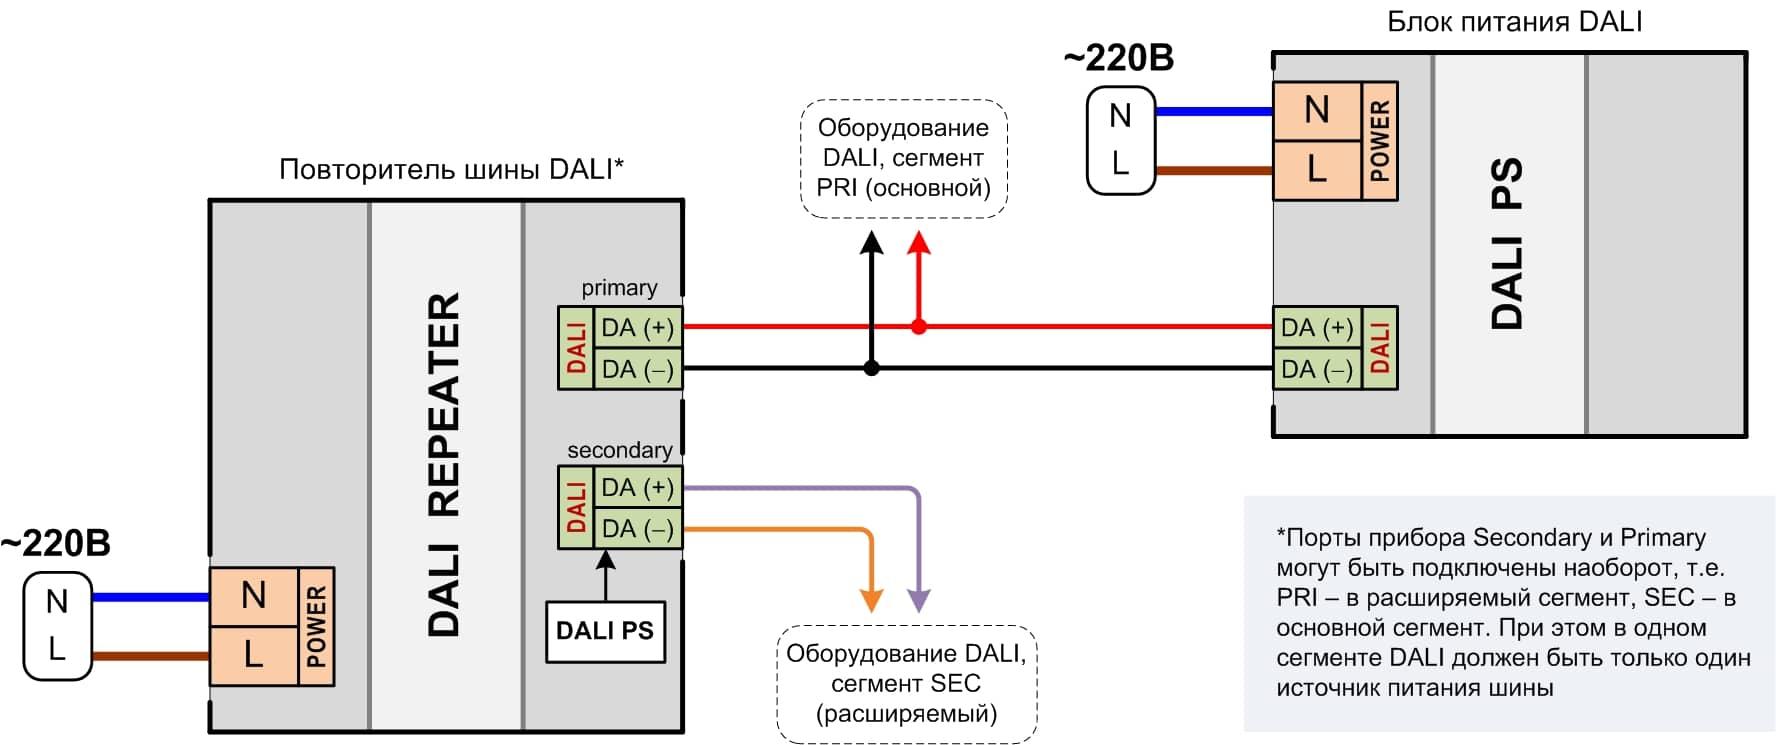 Повторитель сигналов шины DALI